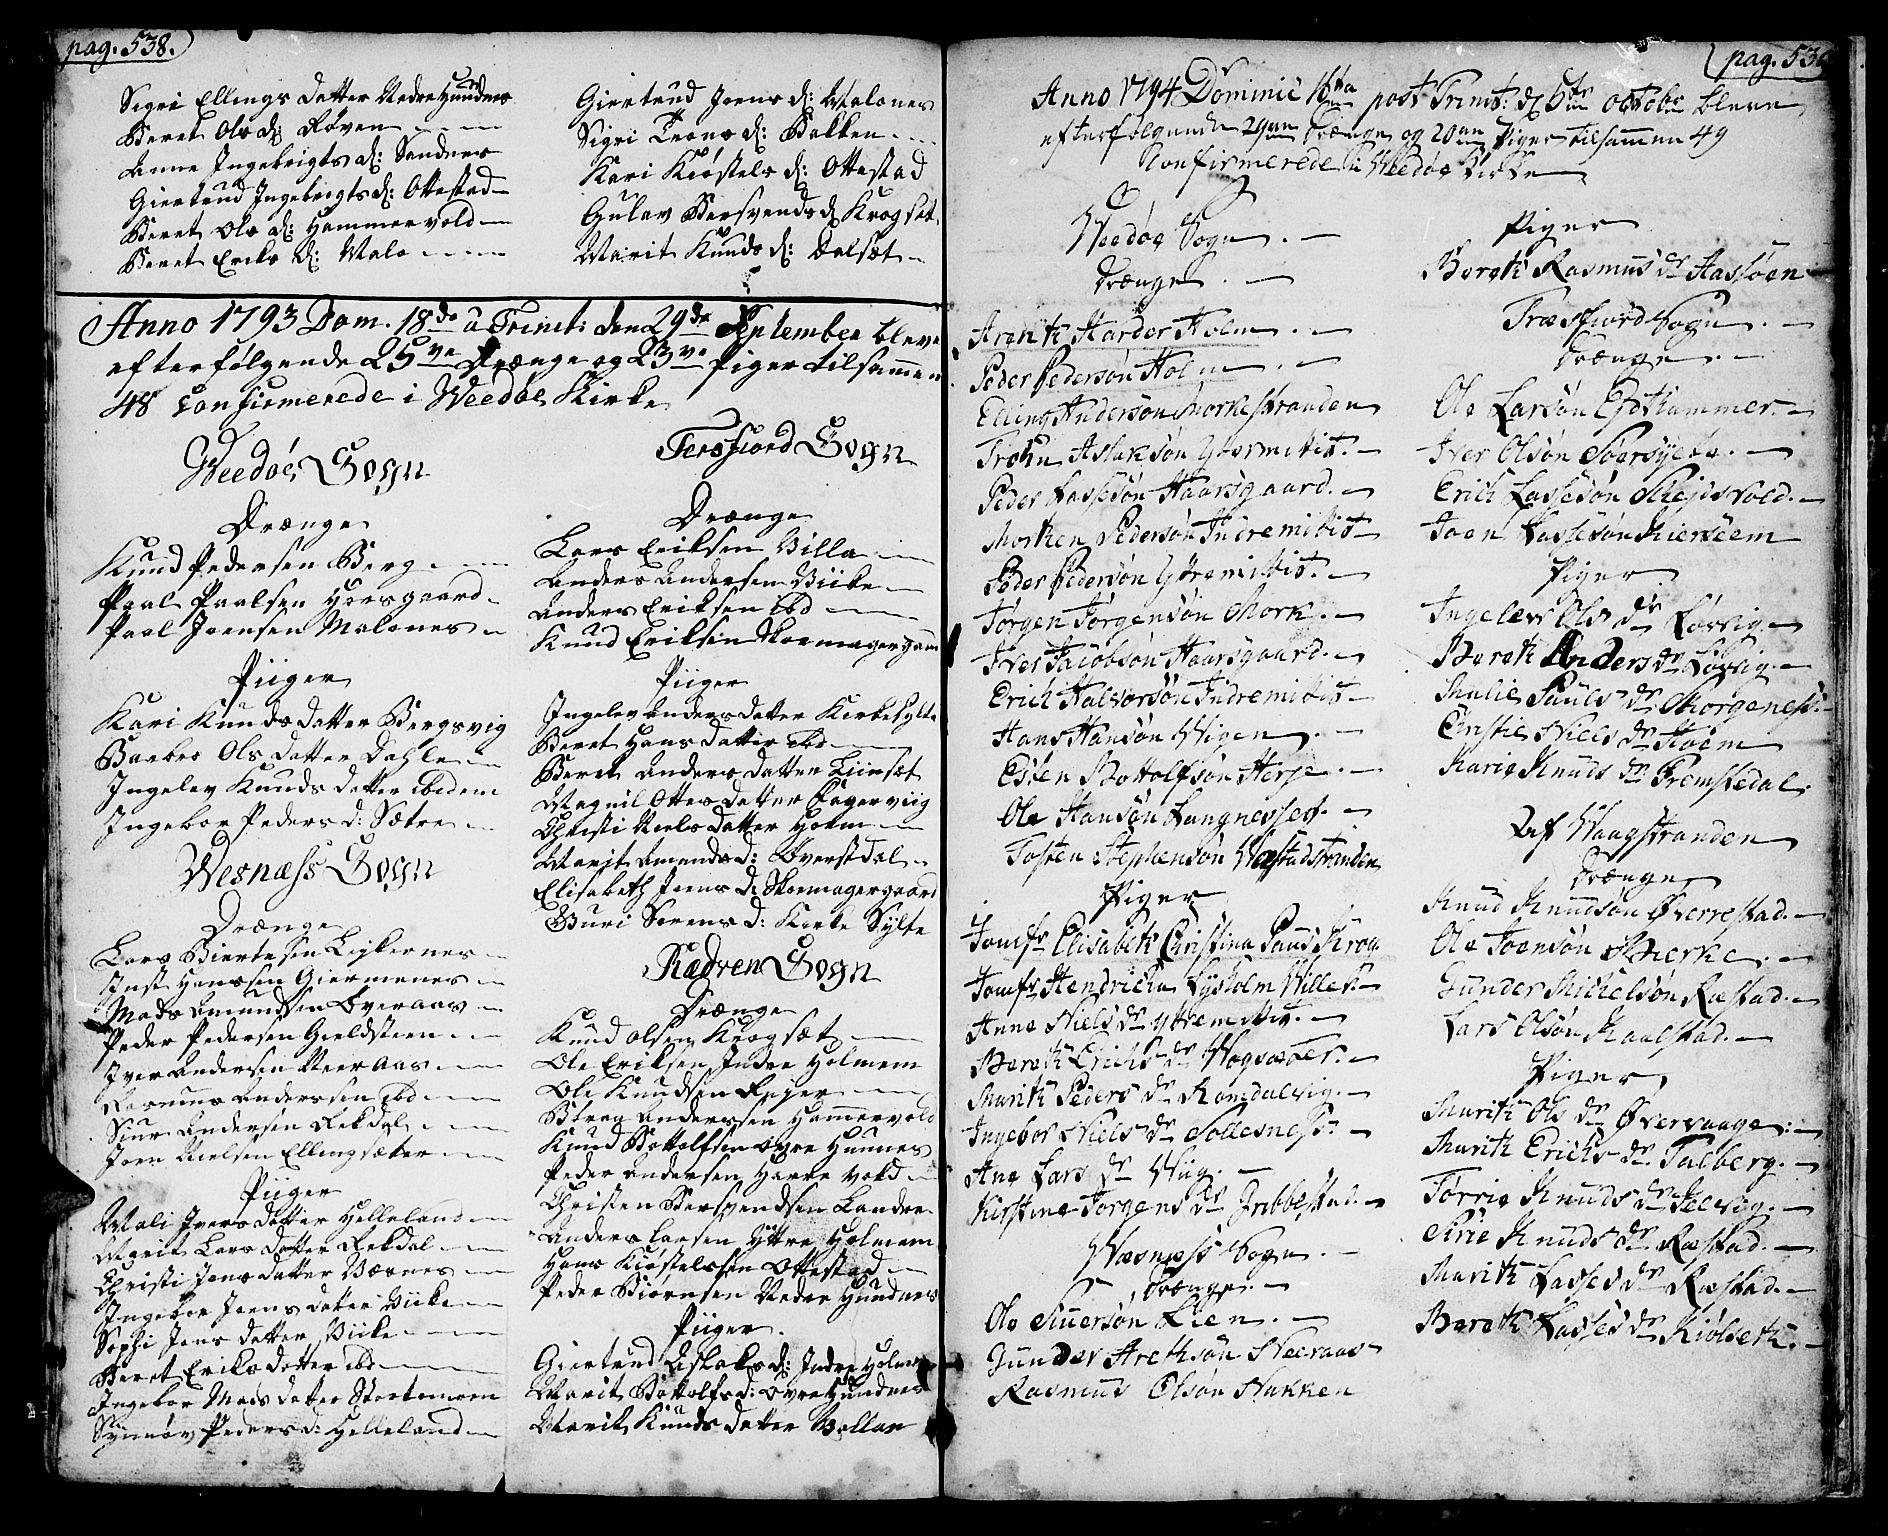 SAT, Ministerialprotokoller, klokkerbøker og fødselsregistre - Møre og Romsdal, 547/L0600: Ministerialbok nr. 547A02, 1765-1799, s. 538-539